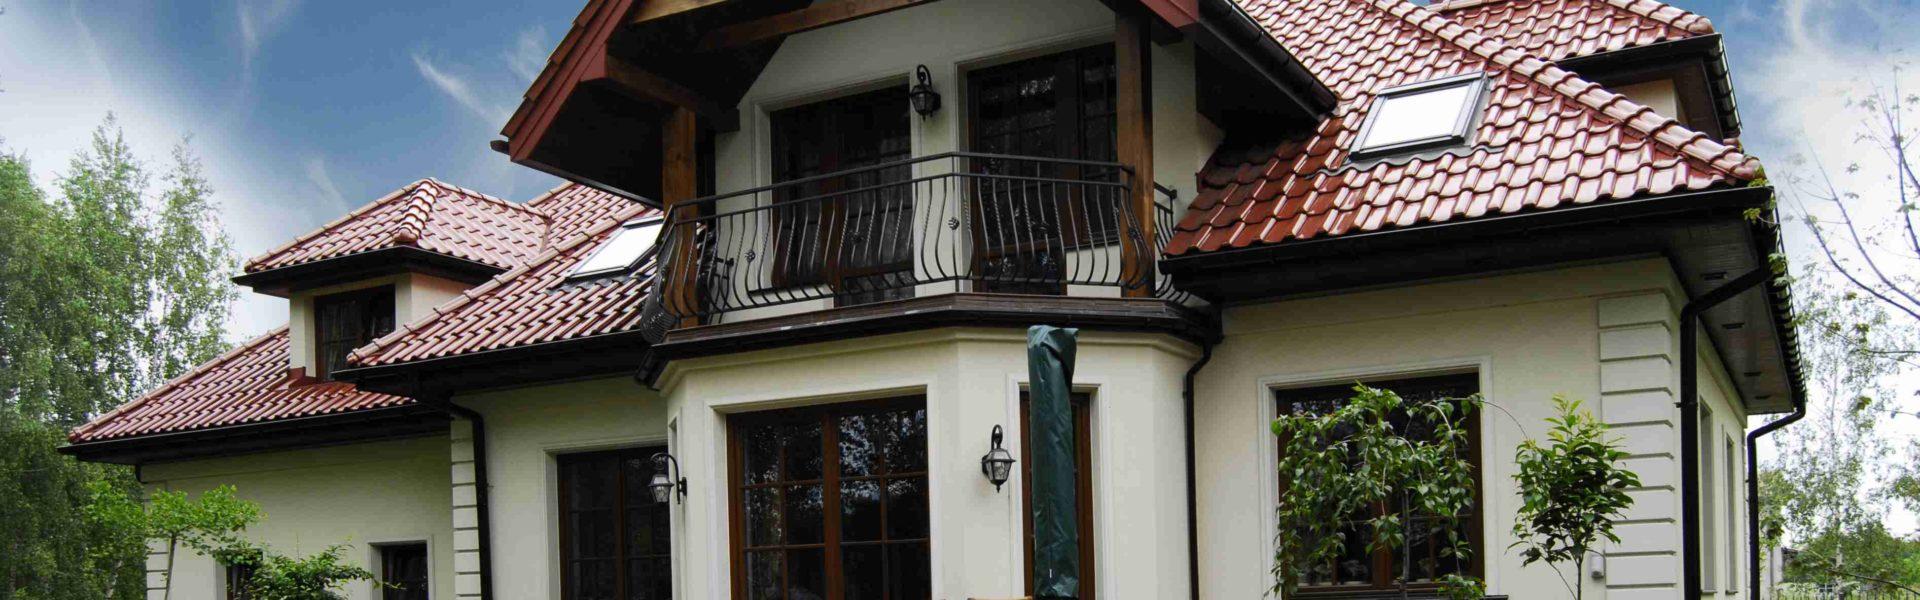 строительство частных домов на продажу